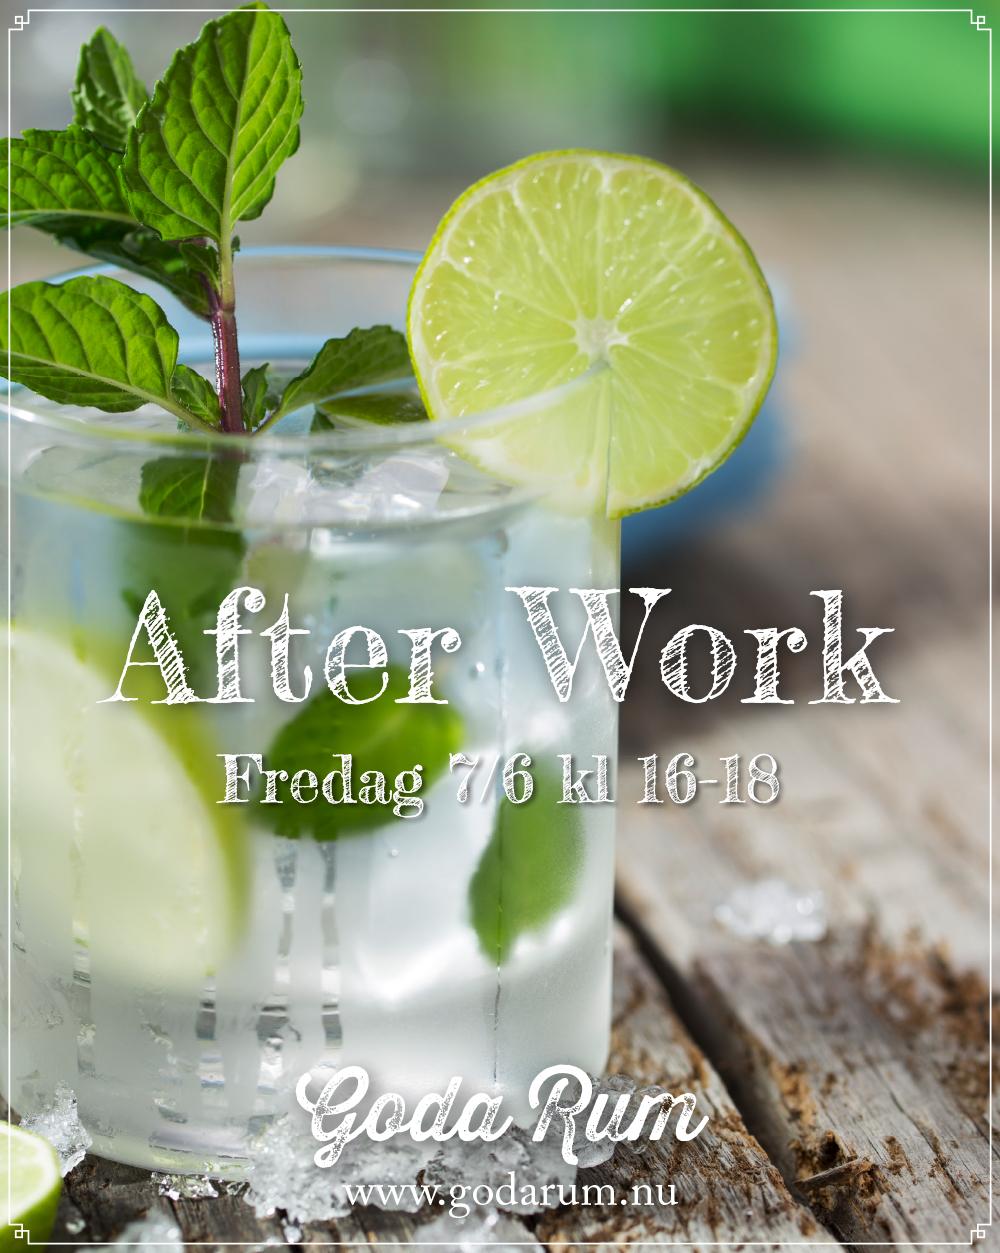 004_After Work_7juni